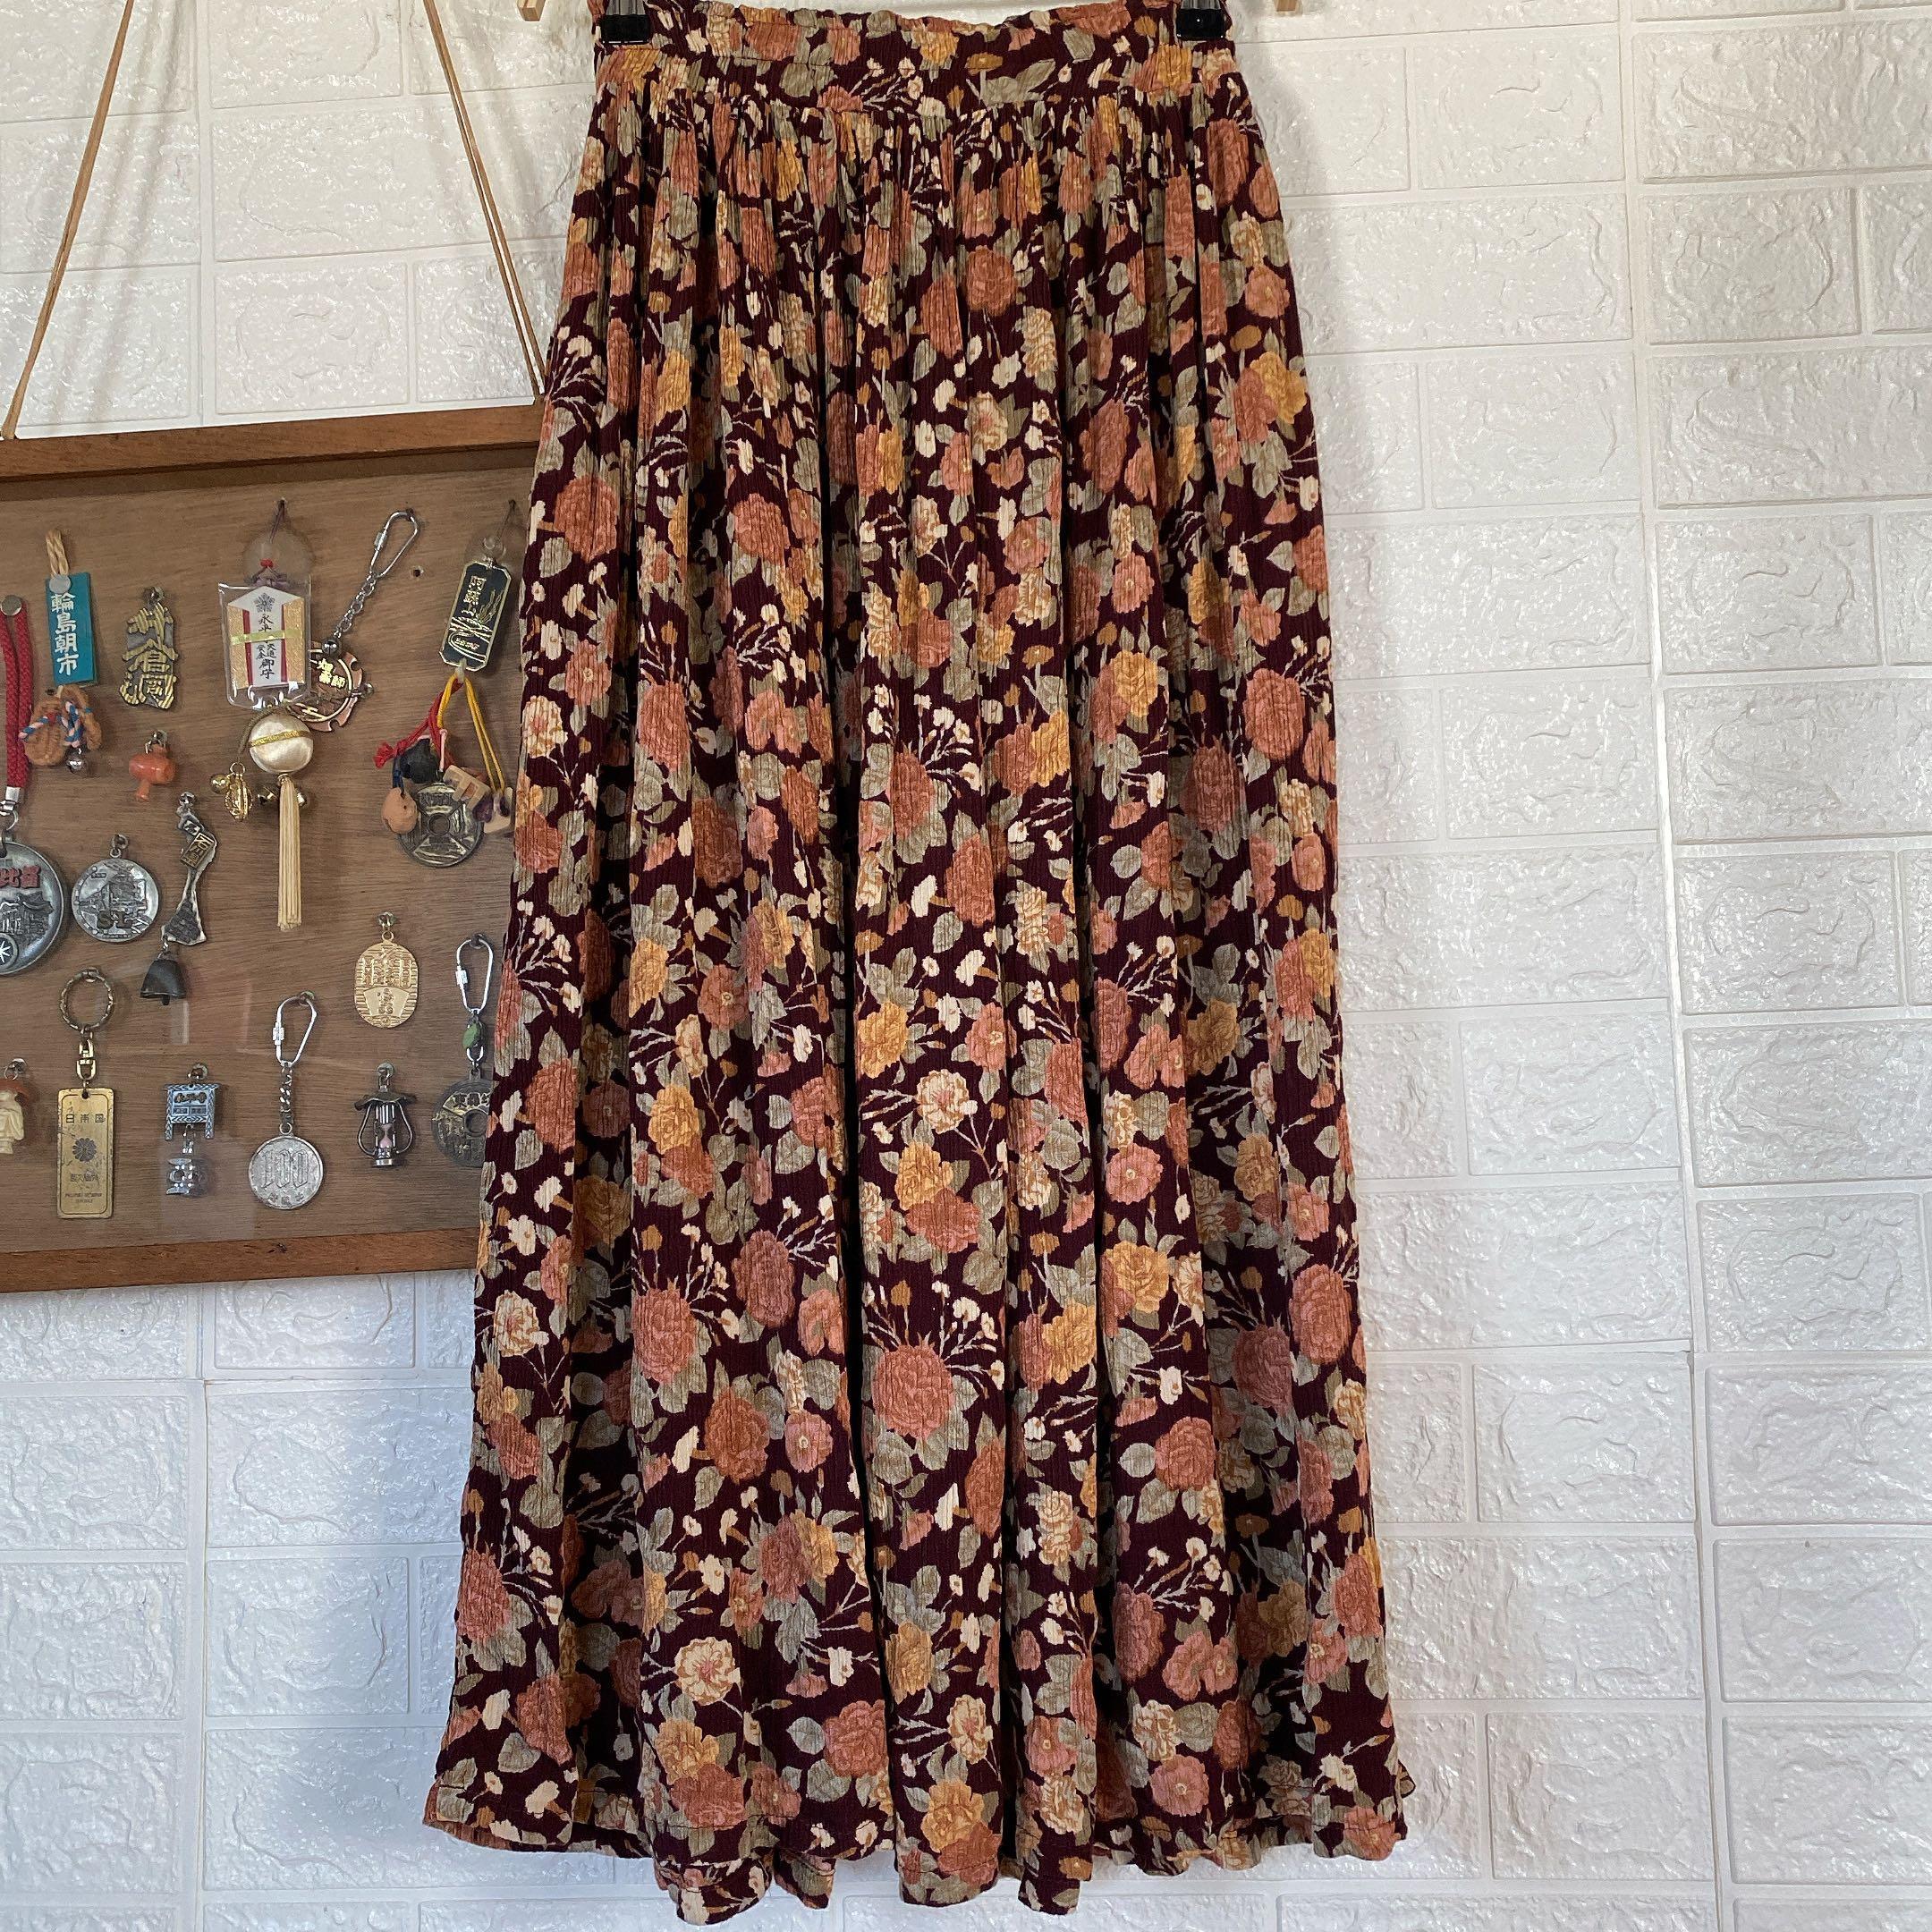 Vintage棉麻滿版玫瑰長裙